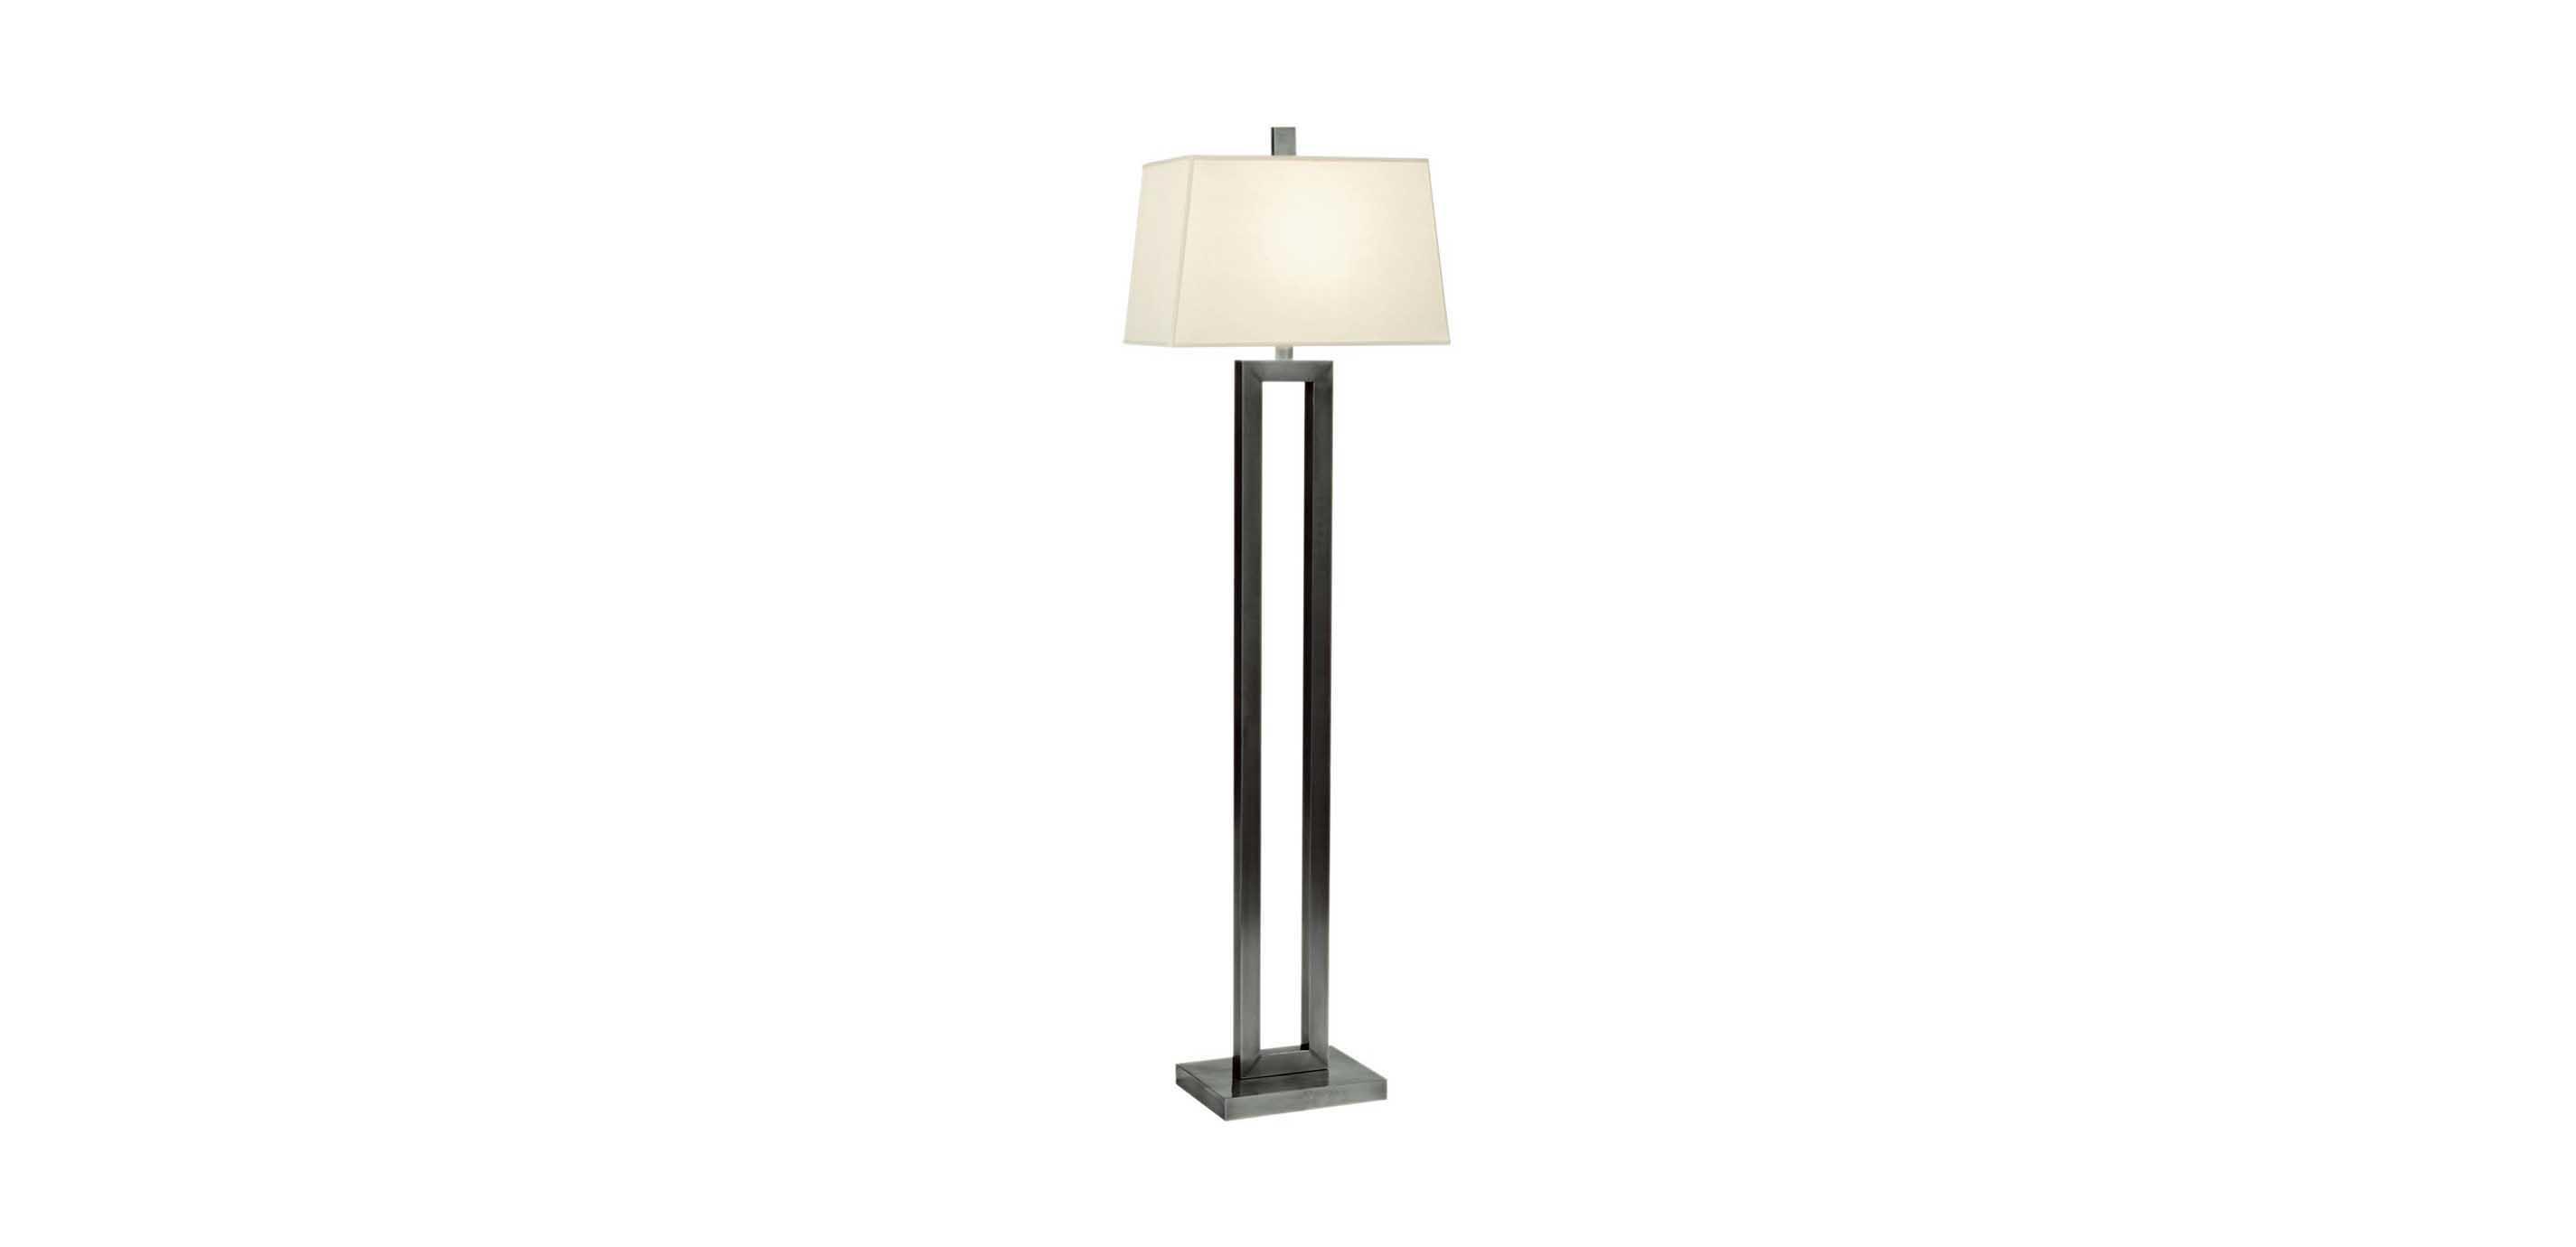 Stafford bronze floor lamp floor lamps for Stafford bronze floor lamp